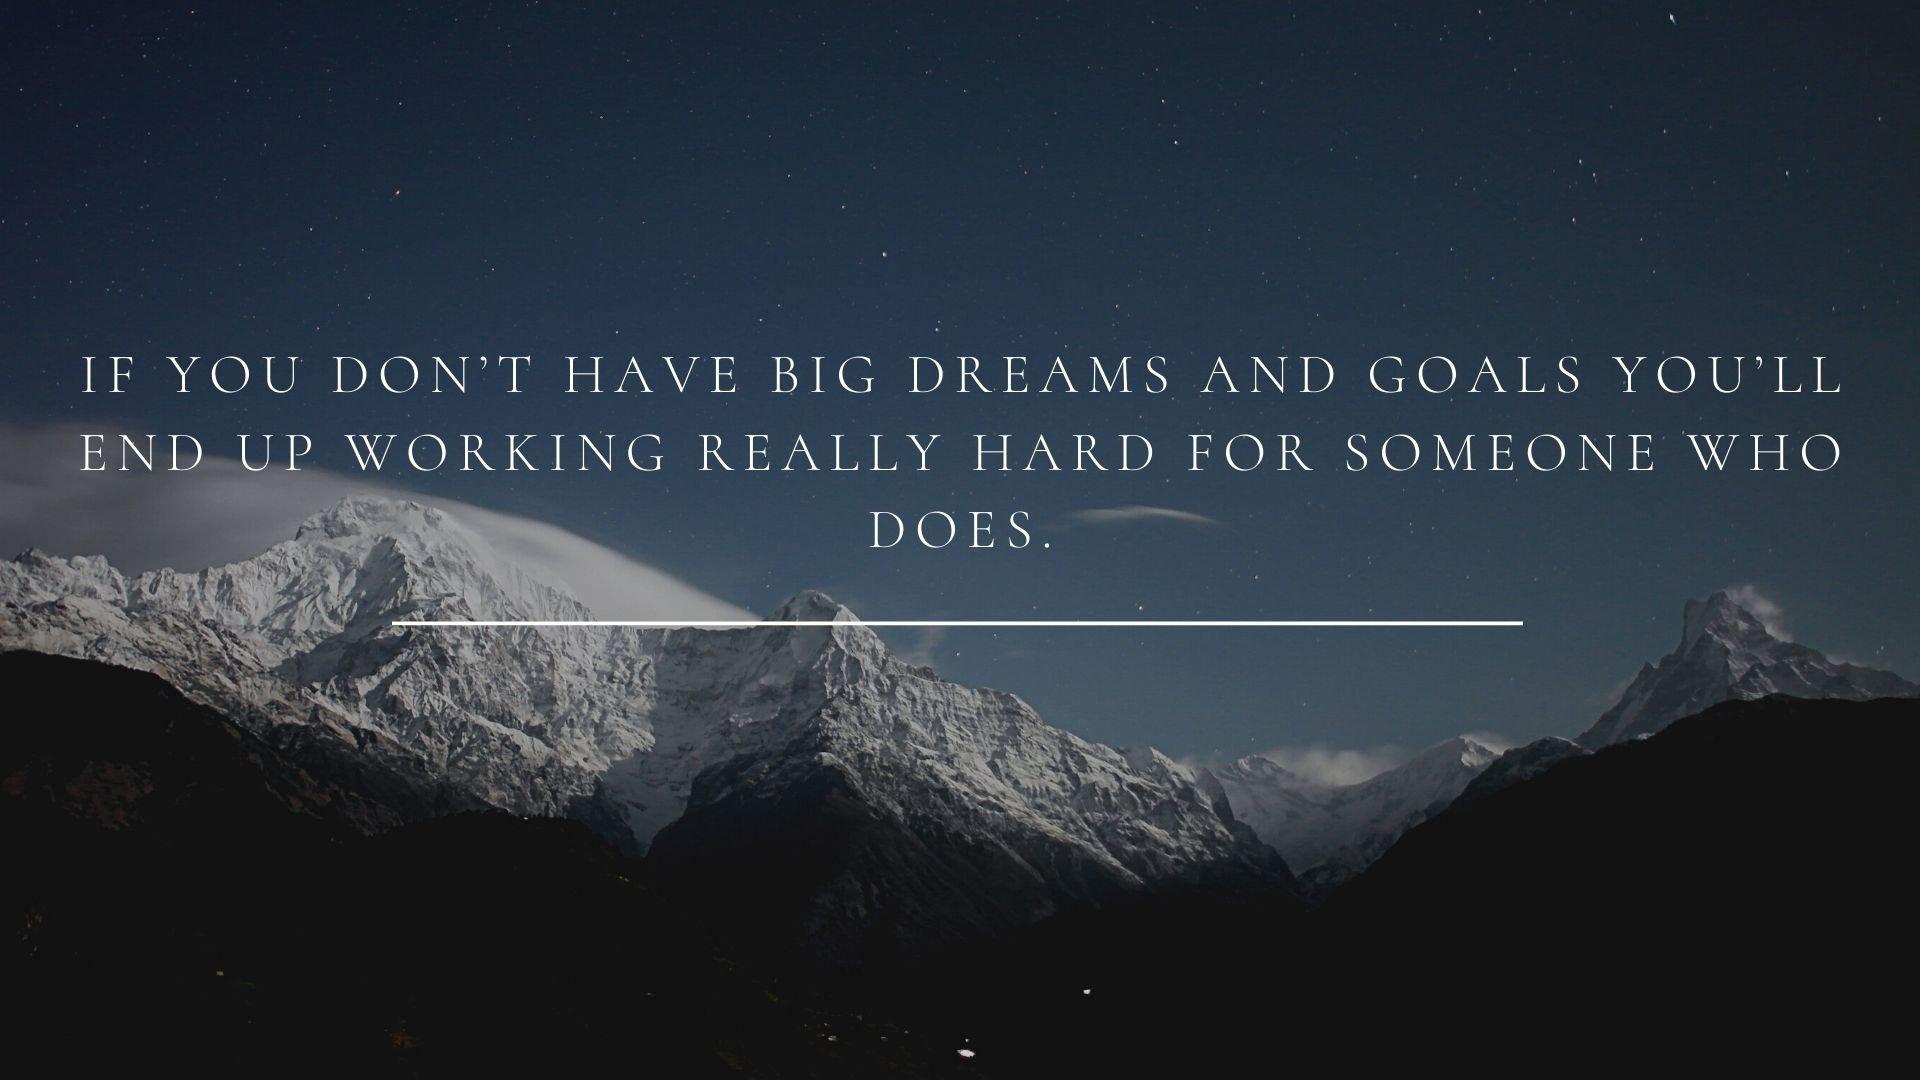 короткі цитати англійською про мрії